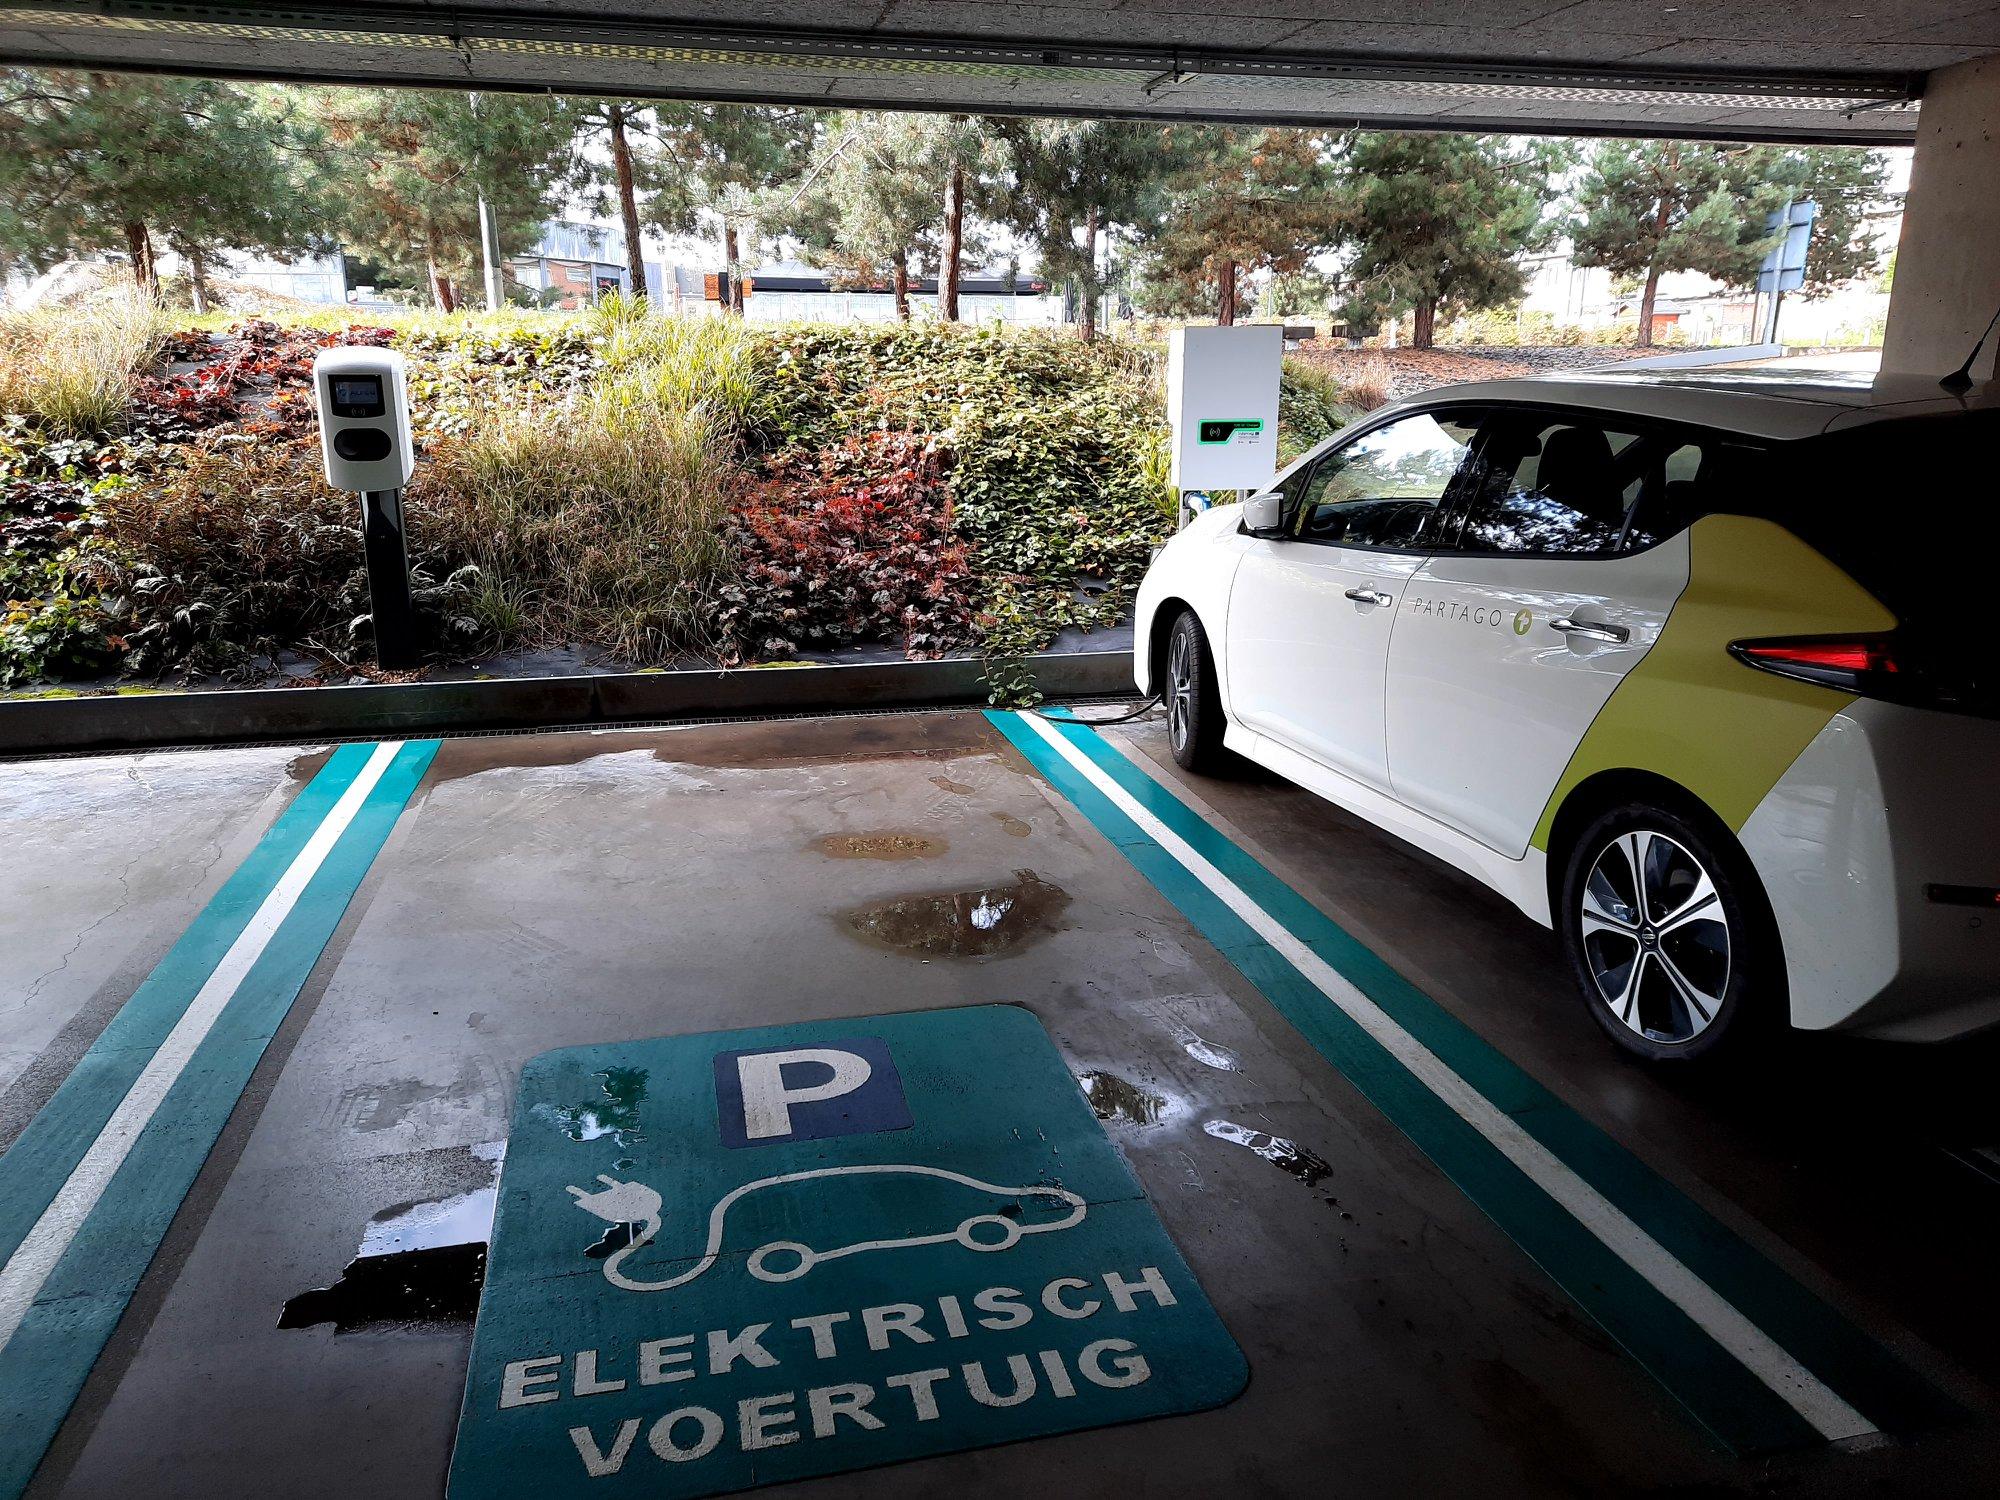 Een parking met deelauto's, deel uitmakend van de Green Deal gedeelde mobiliteit